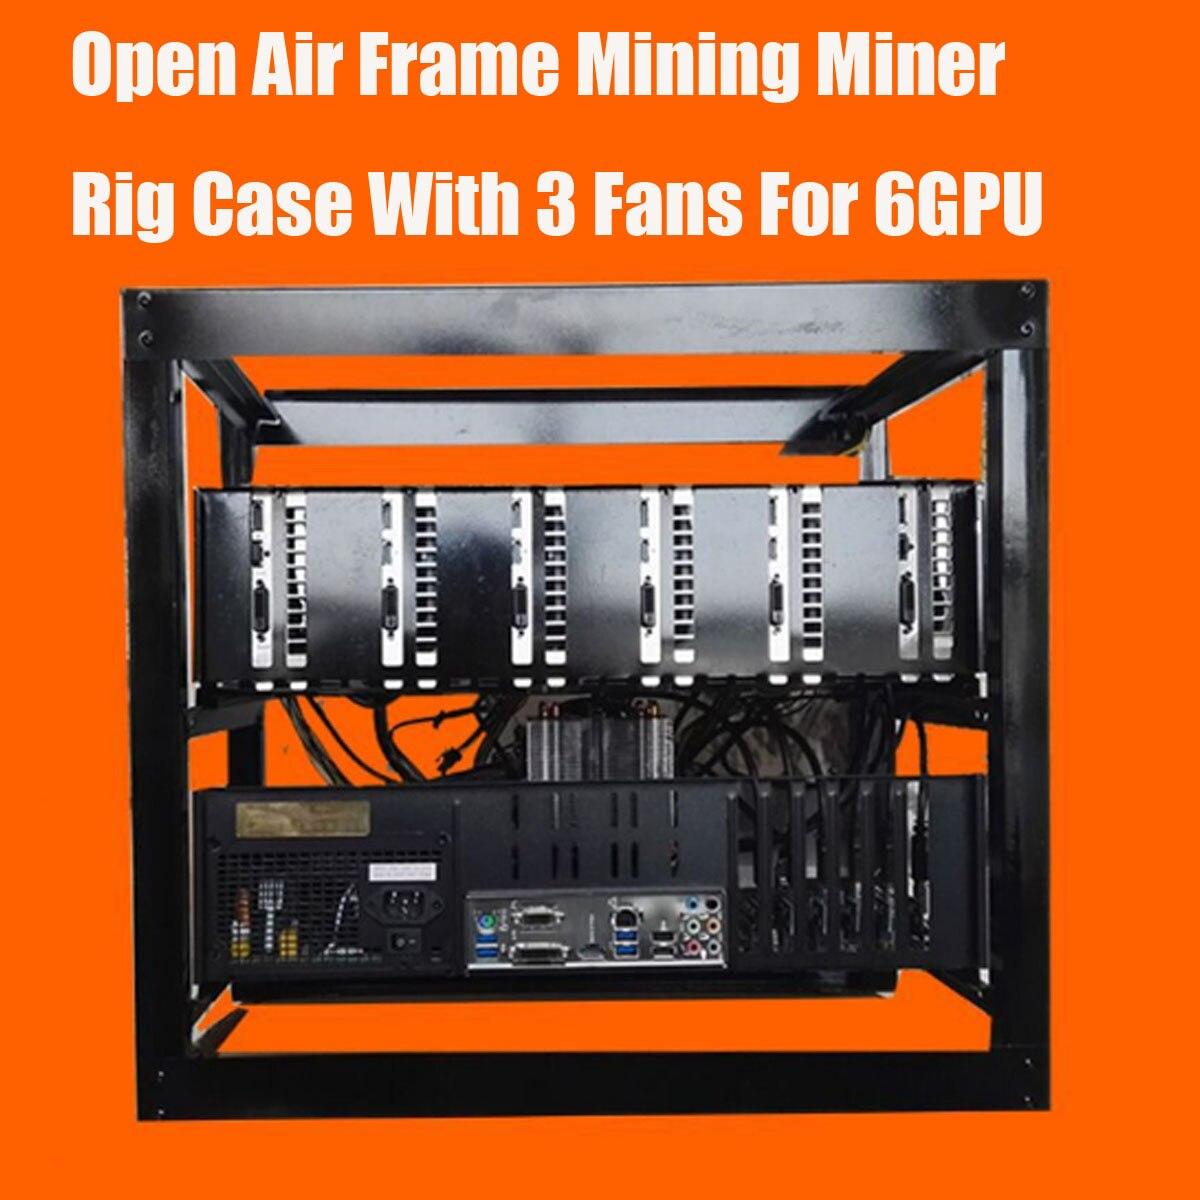 Boîtier de mine de mineur bricolage boîtier de mine de mineur à Air ouvert avec ventilateurs 3x pour 6 GPU ETH BTC Ethereum